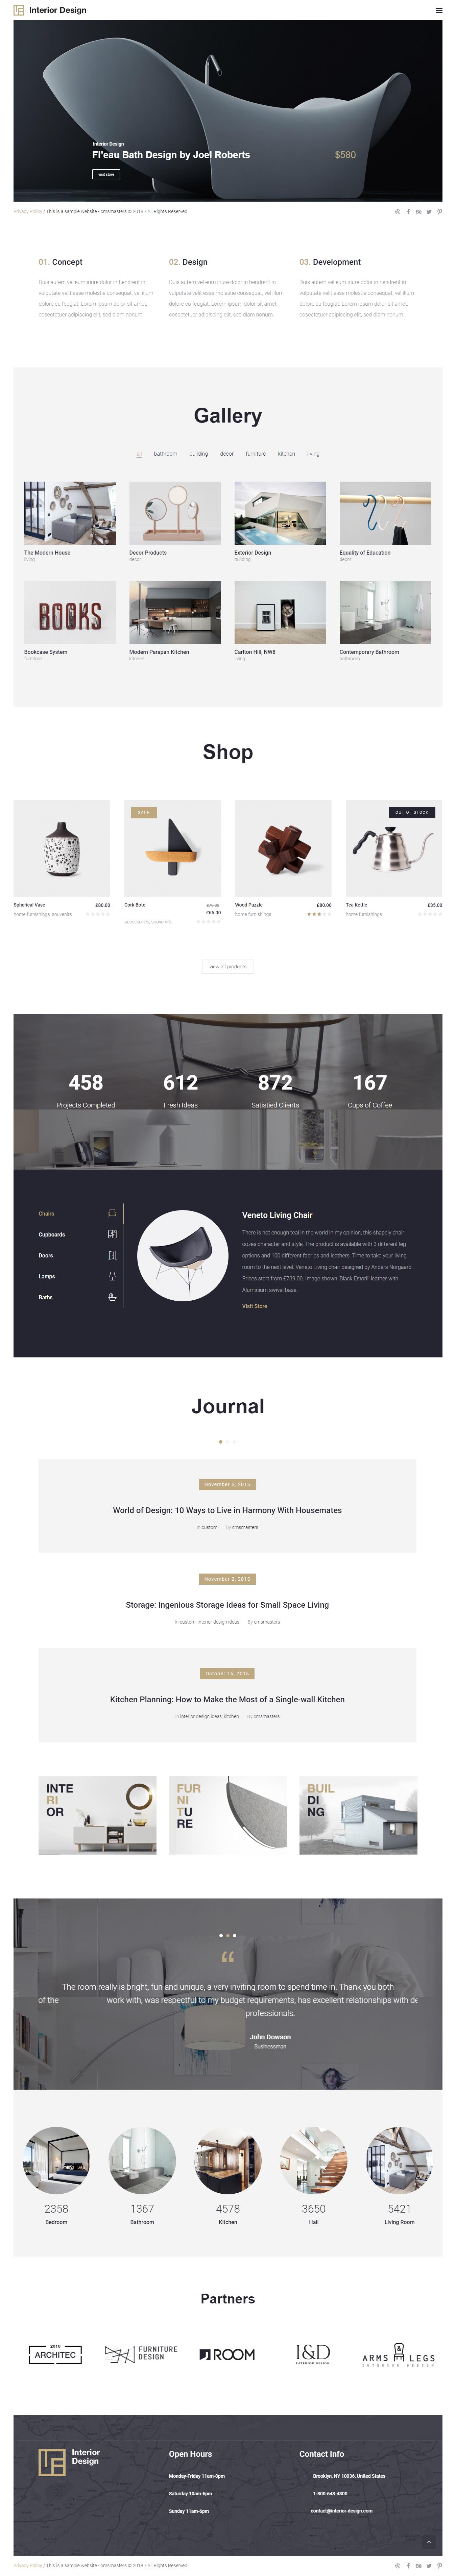 Interior Design - Best Premium Interior Design WordPress Theme